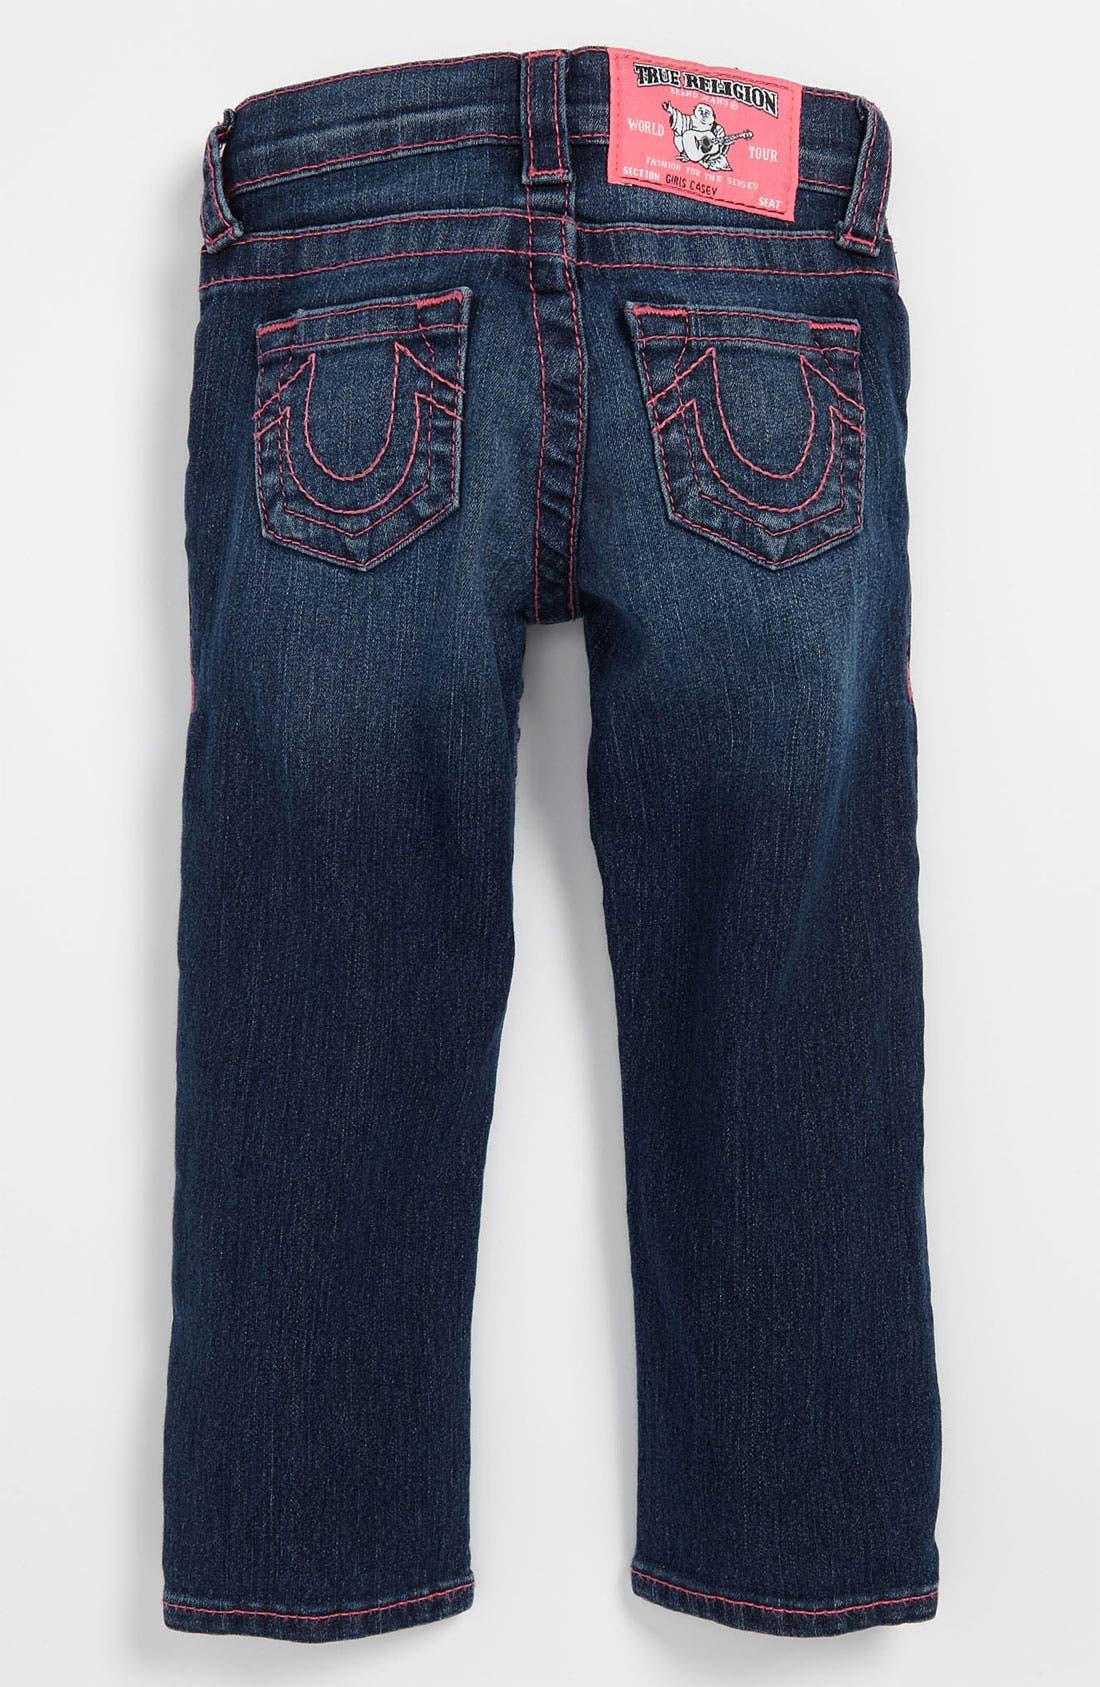 Alternate Image 1 Selected - True Religion Brand Jeans 'Casey' Skinny Leg Jeans (Toddler)